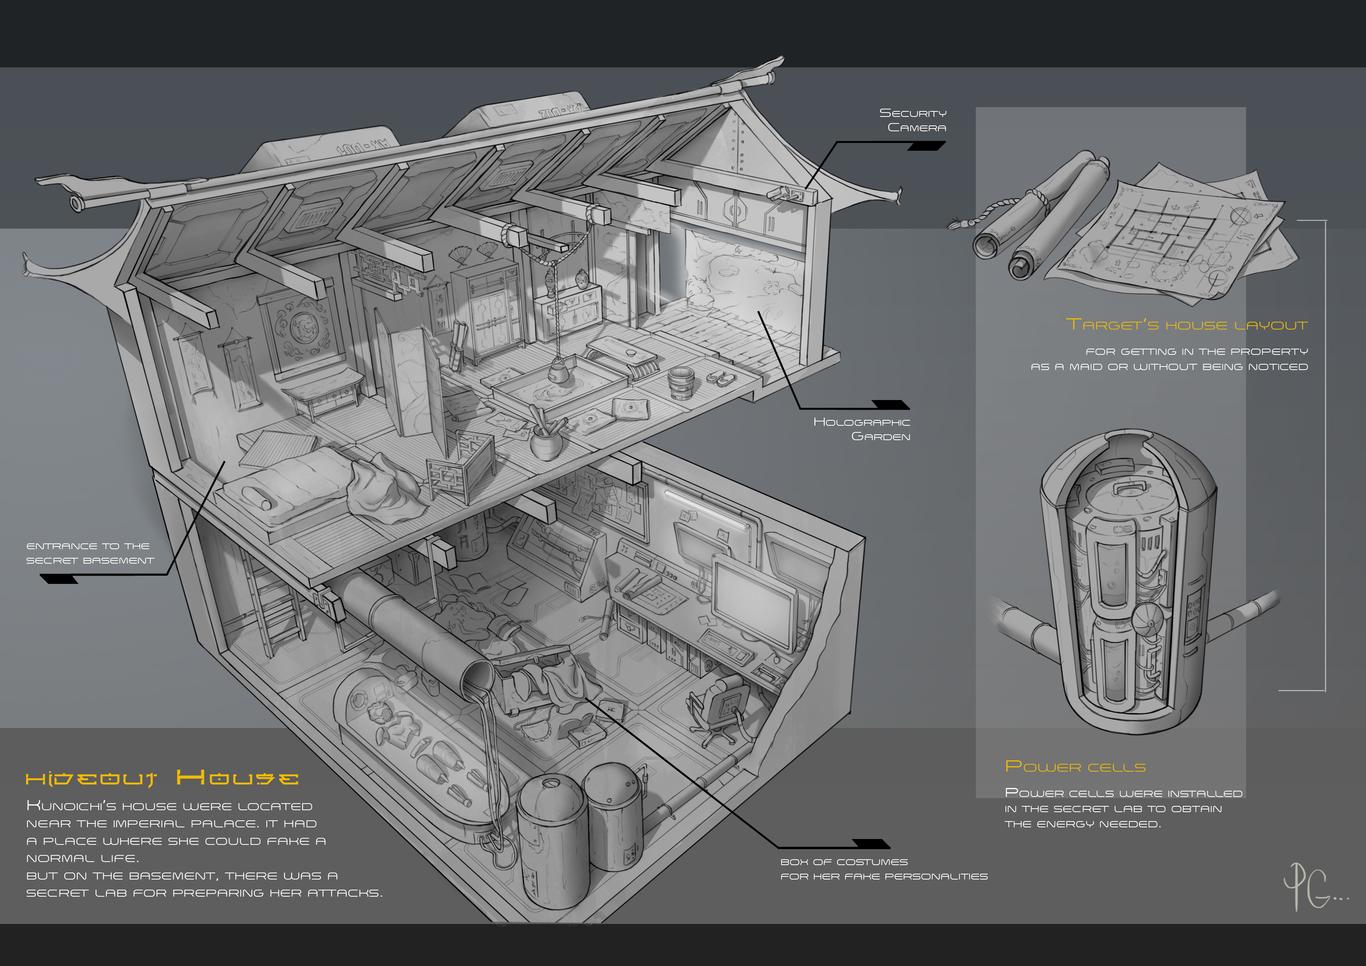 Wyndraw hideout house 1 bdc9394e zoa8